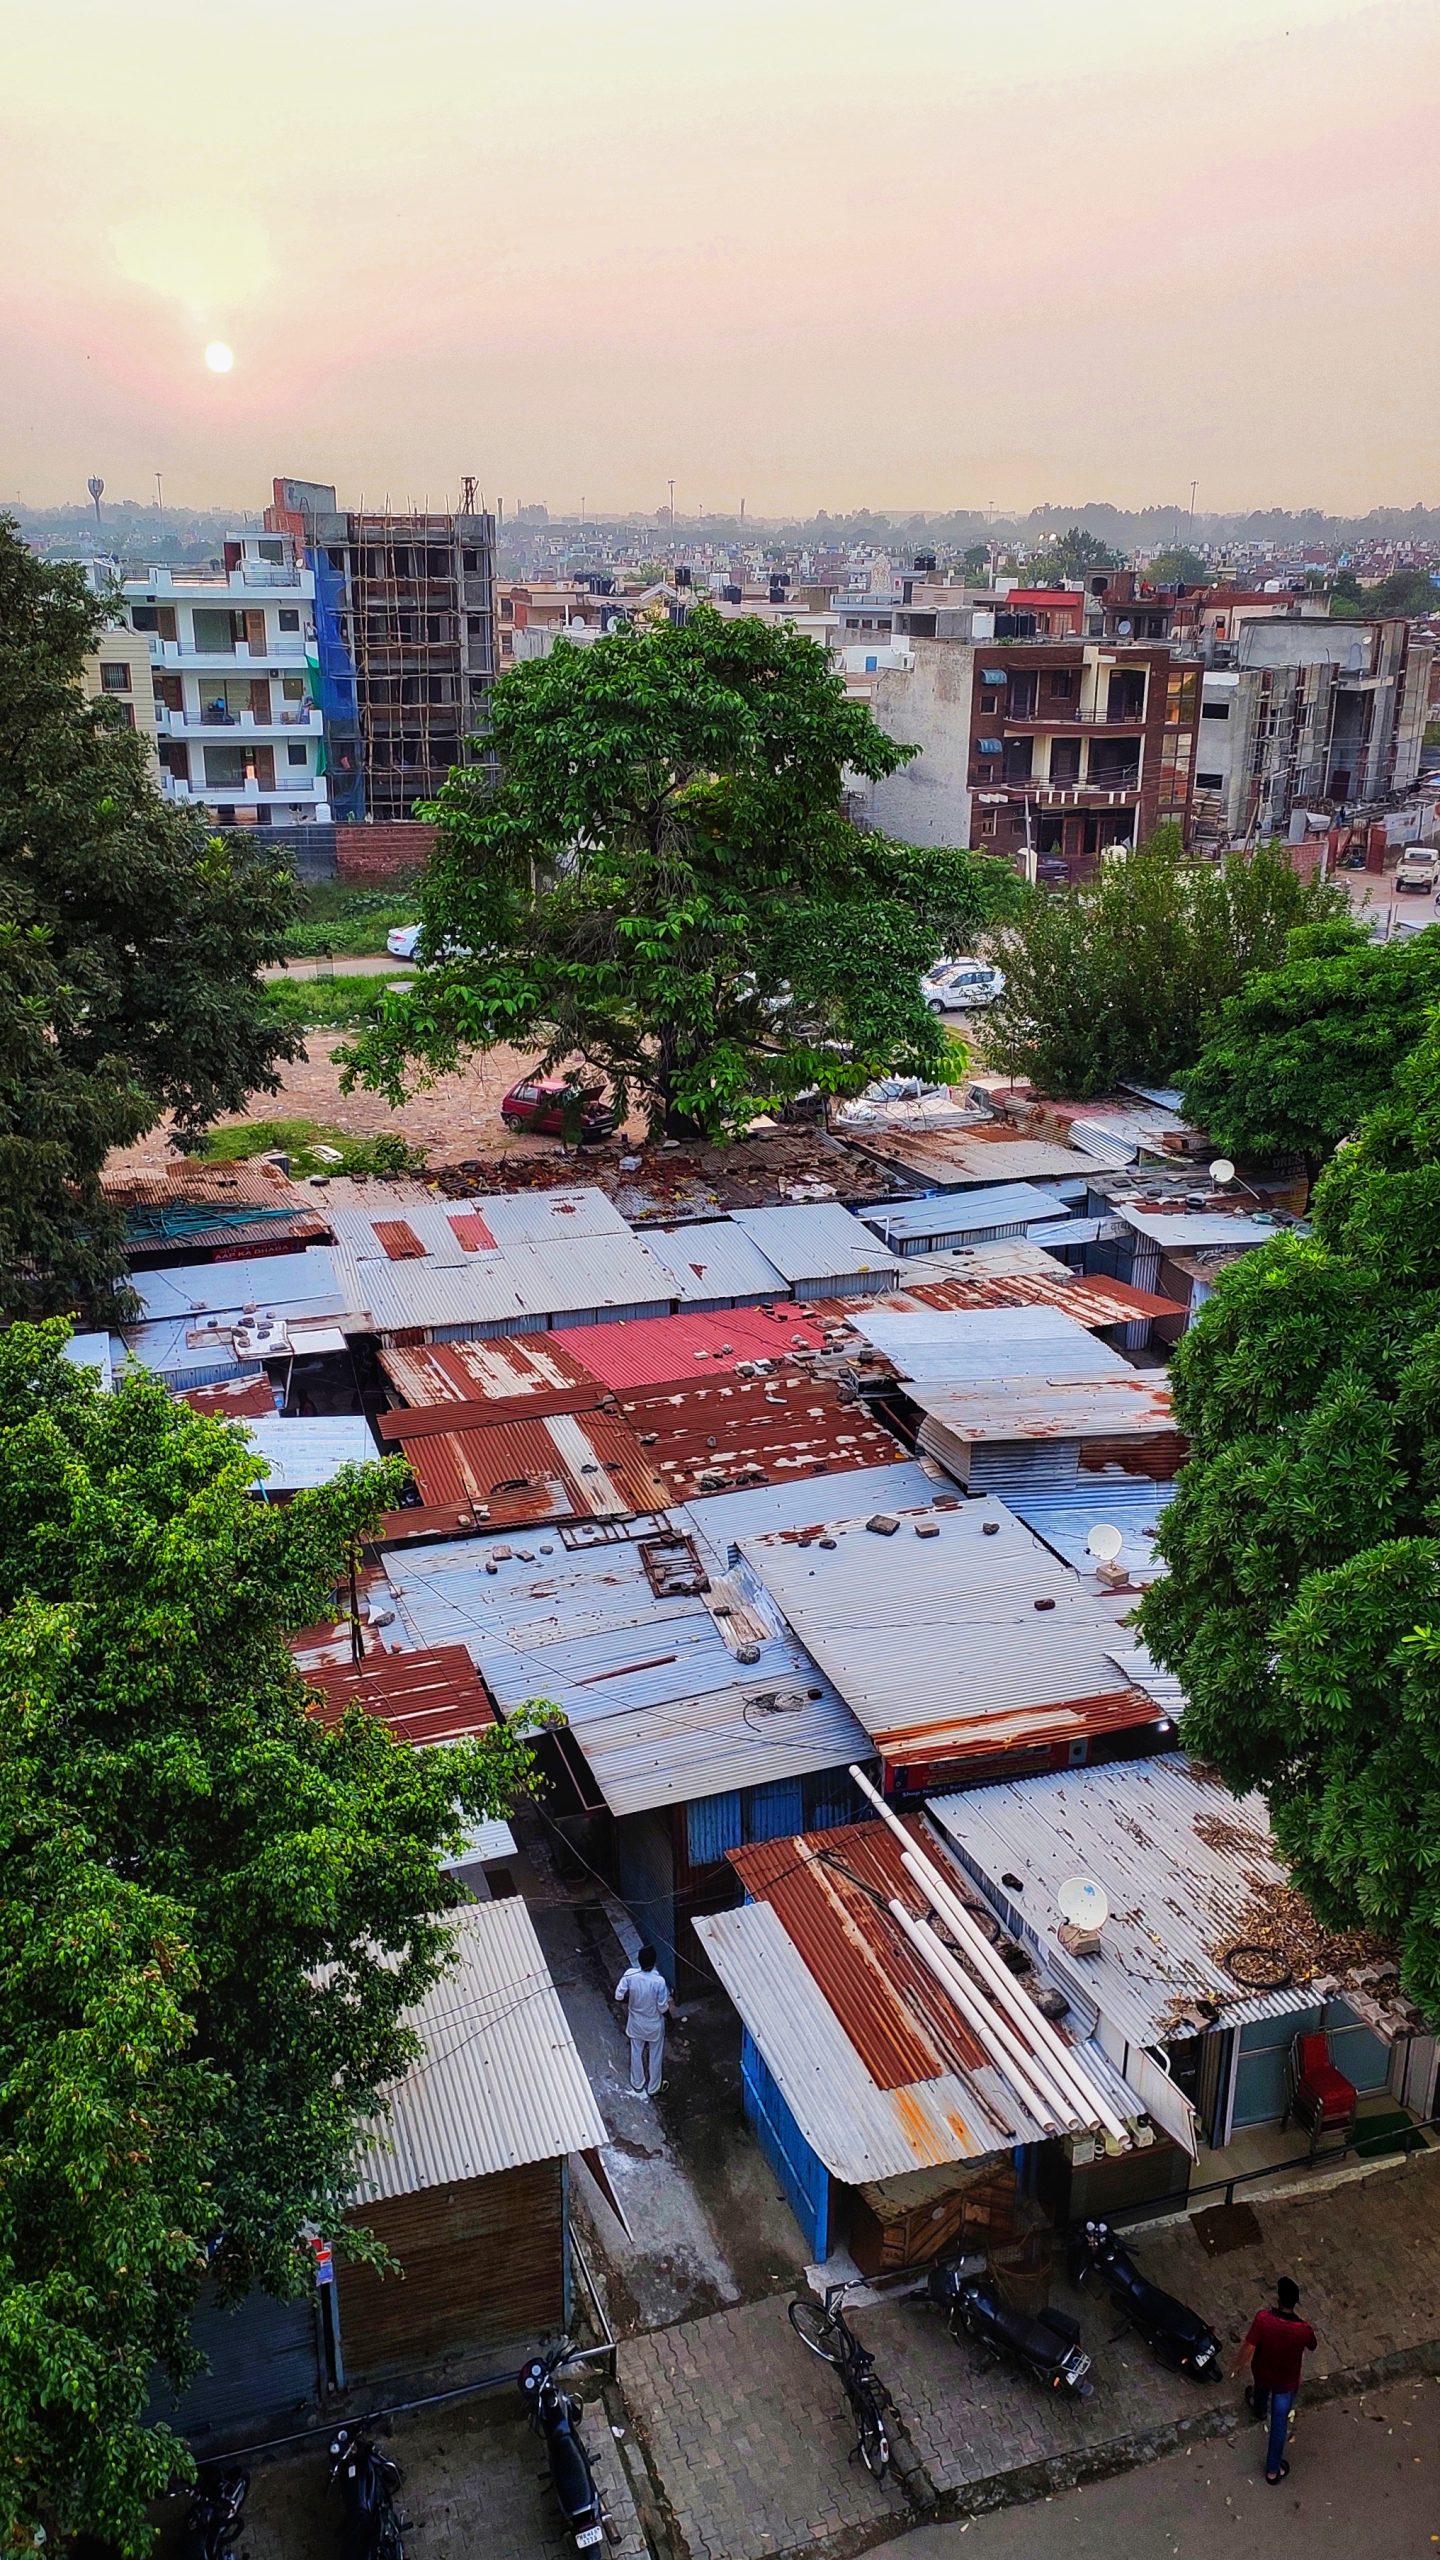 Slum area of a city